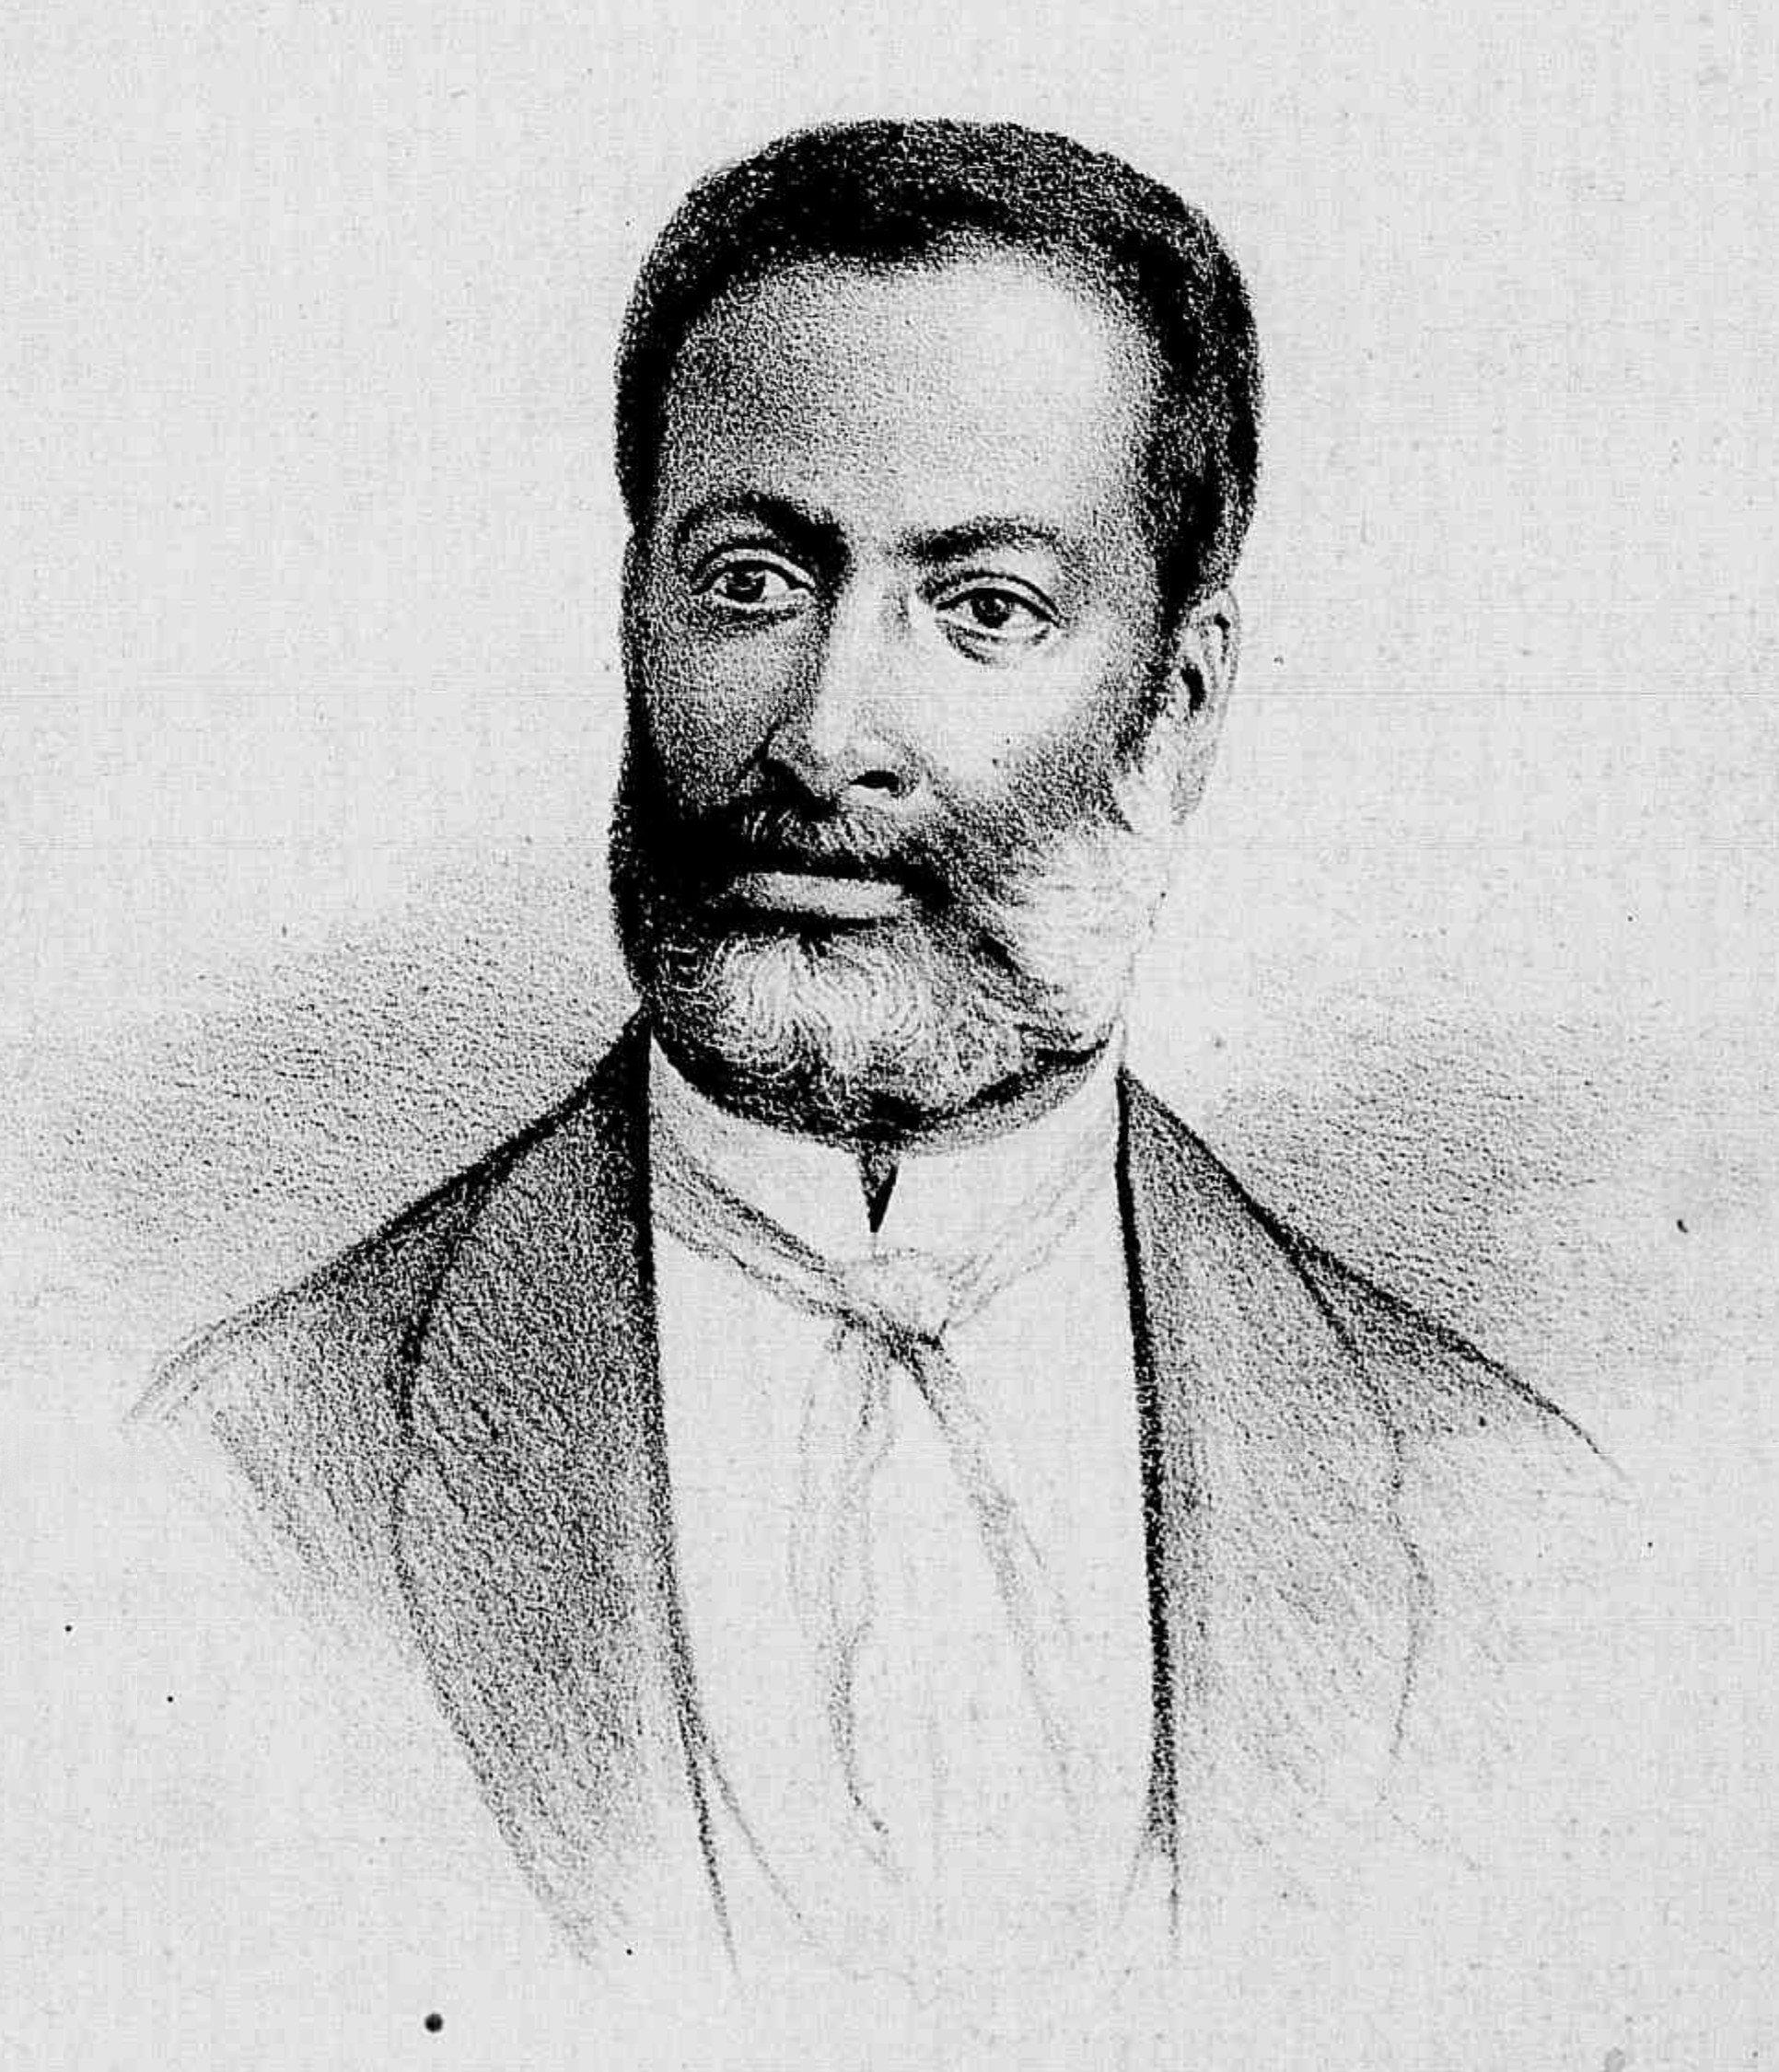 Luiz Gama, en una caricatura de 1882 del dibujante Raúl Pompeia